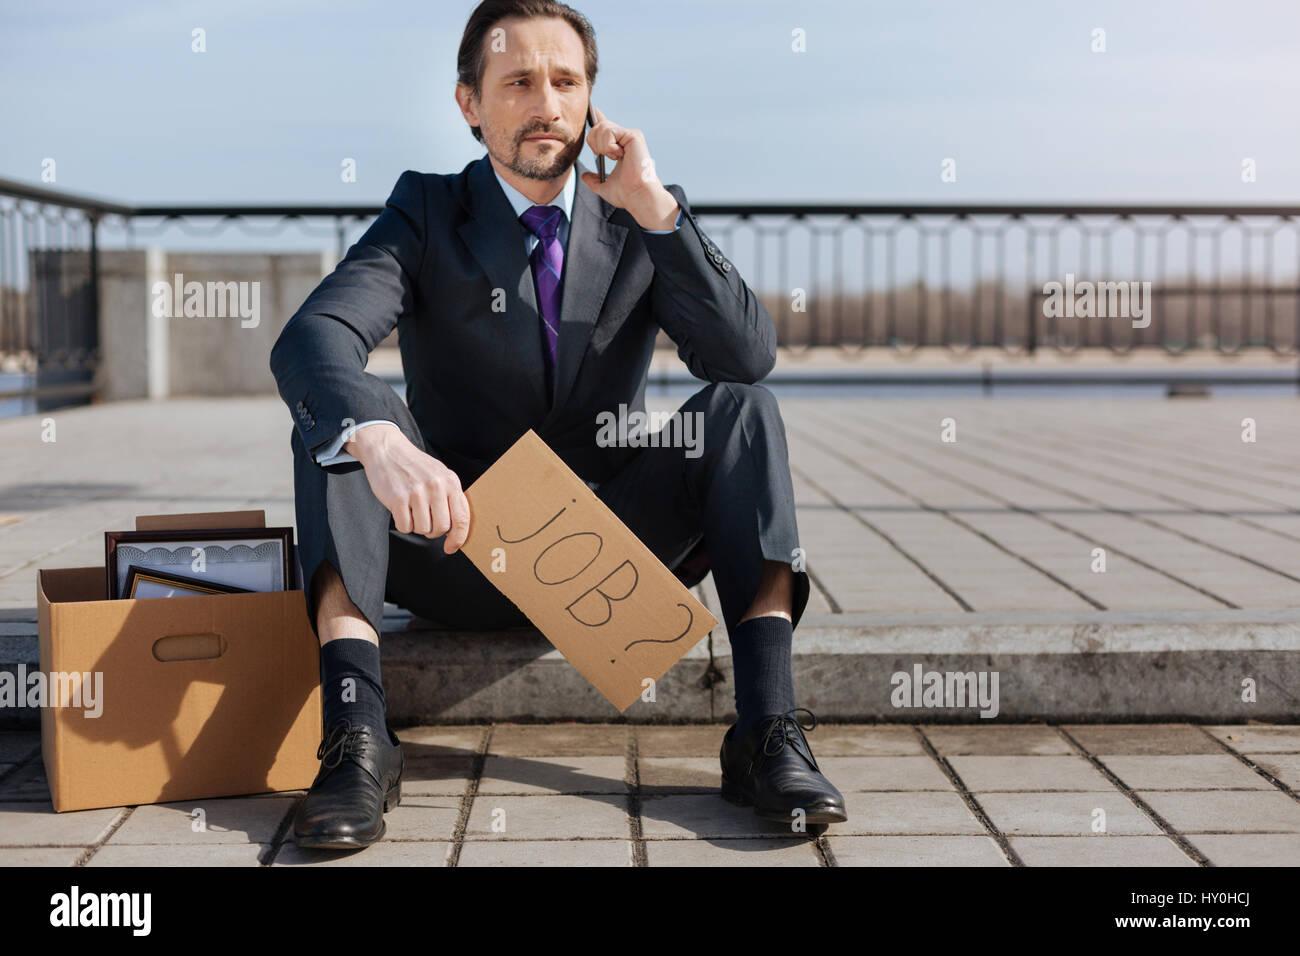 Uomo di disoccupati in attesa di nuovi posti vacanti Immagini Stock